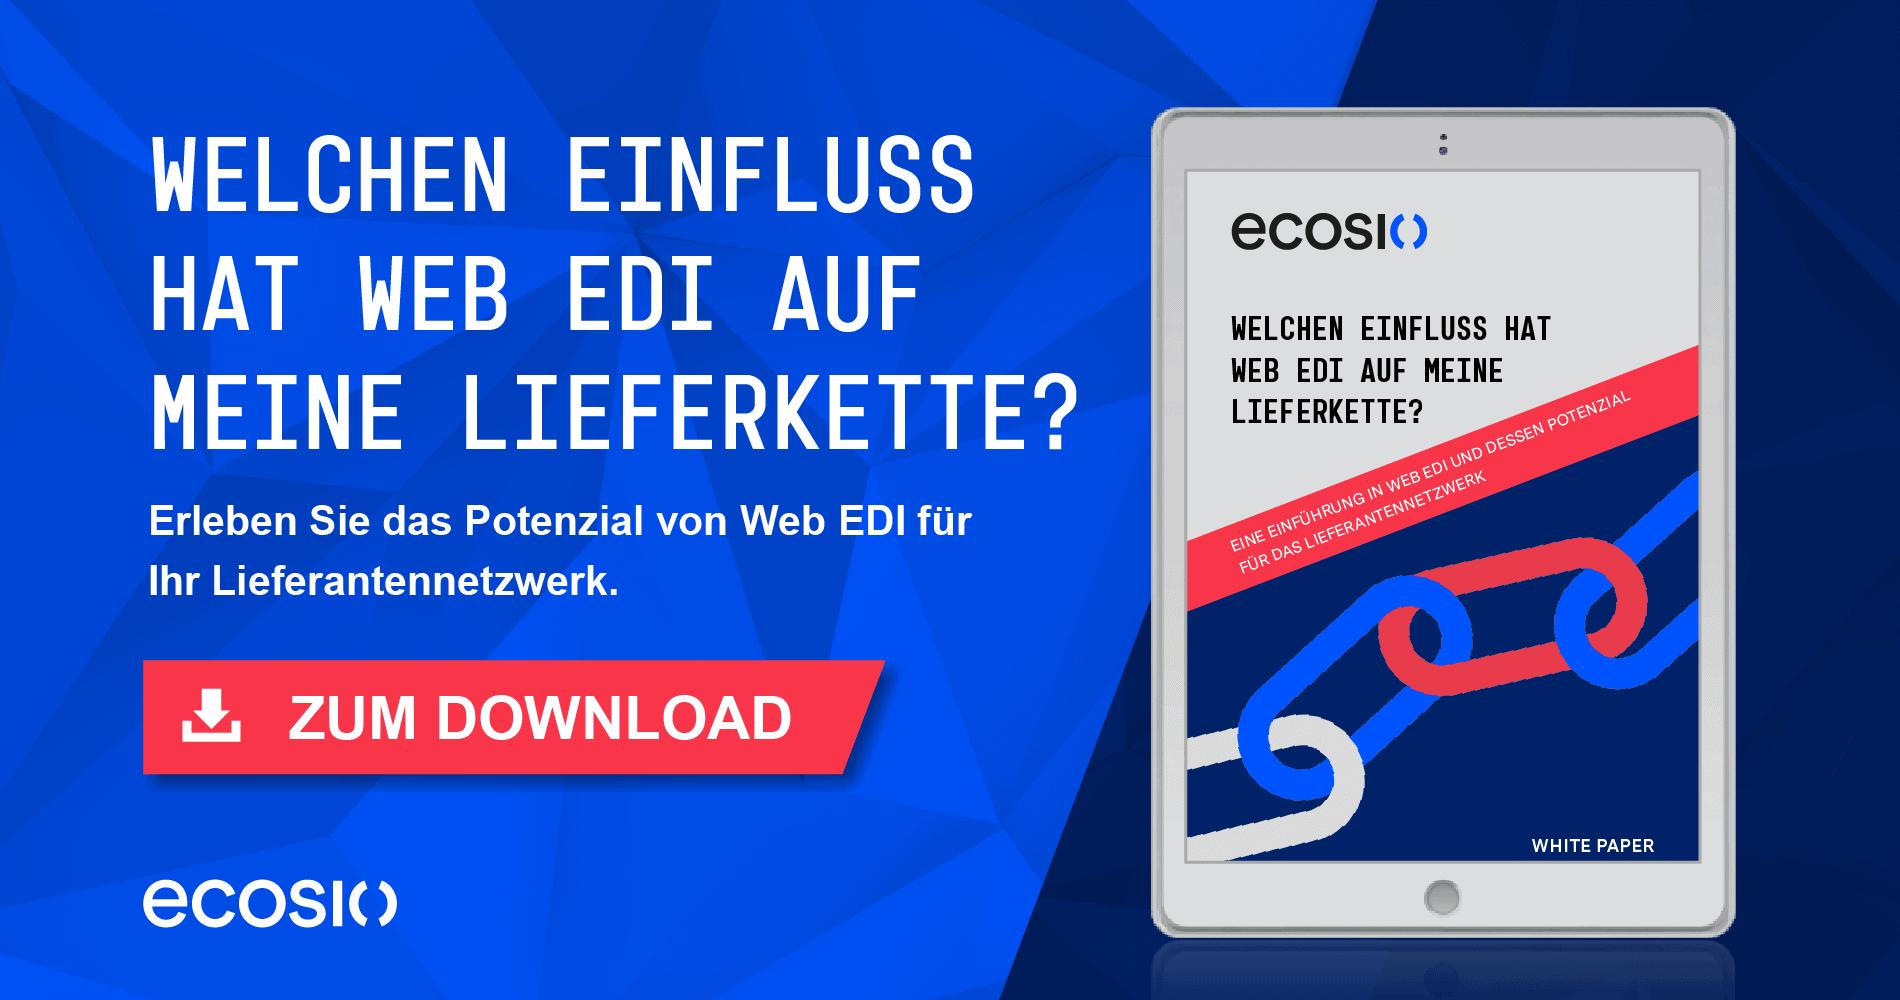 White Paper – Welchen Einfluss hat Web EDI auf meine Lieferkette?